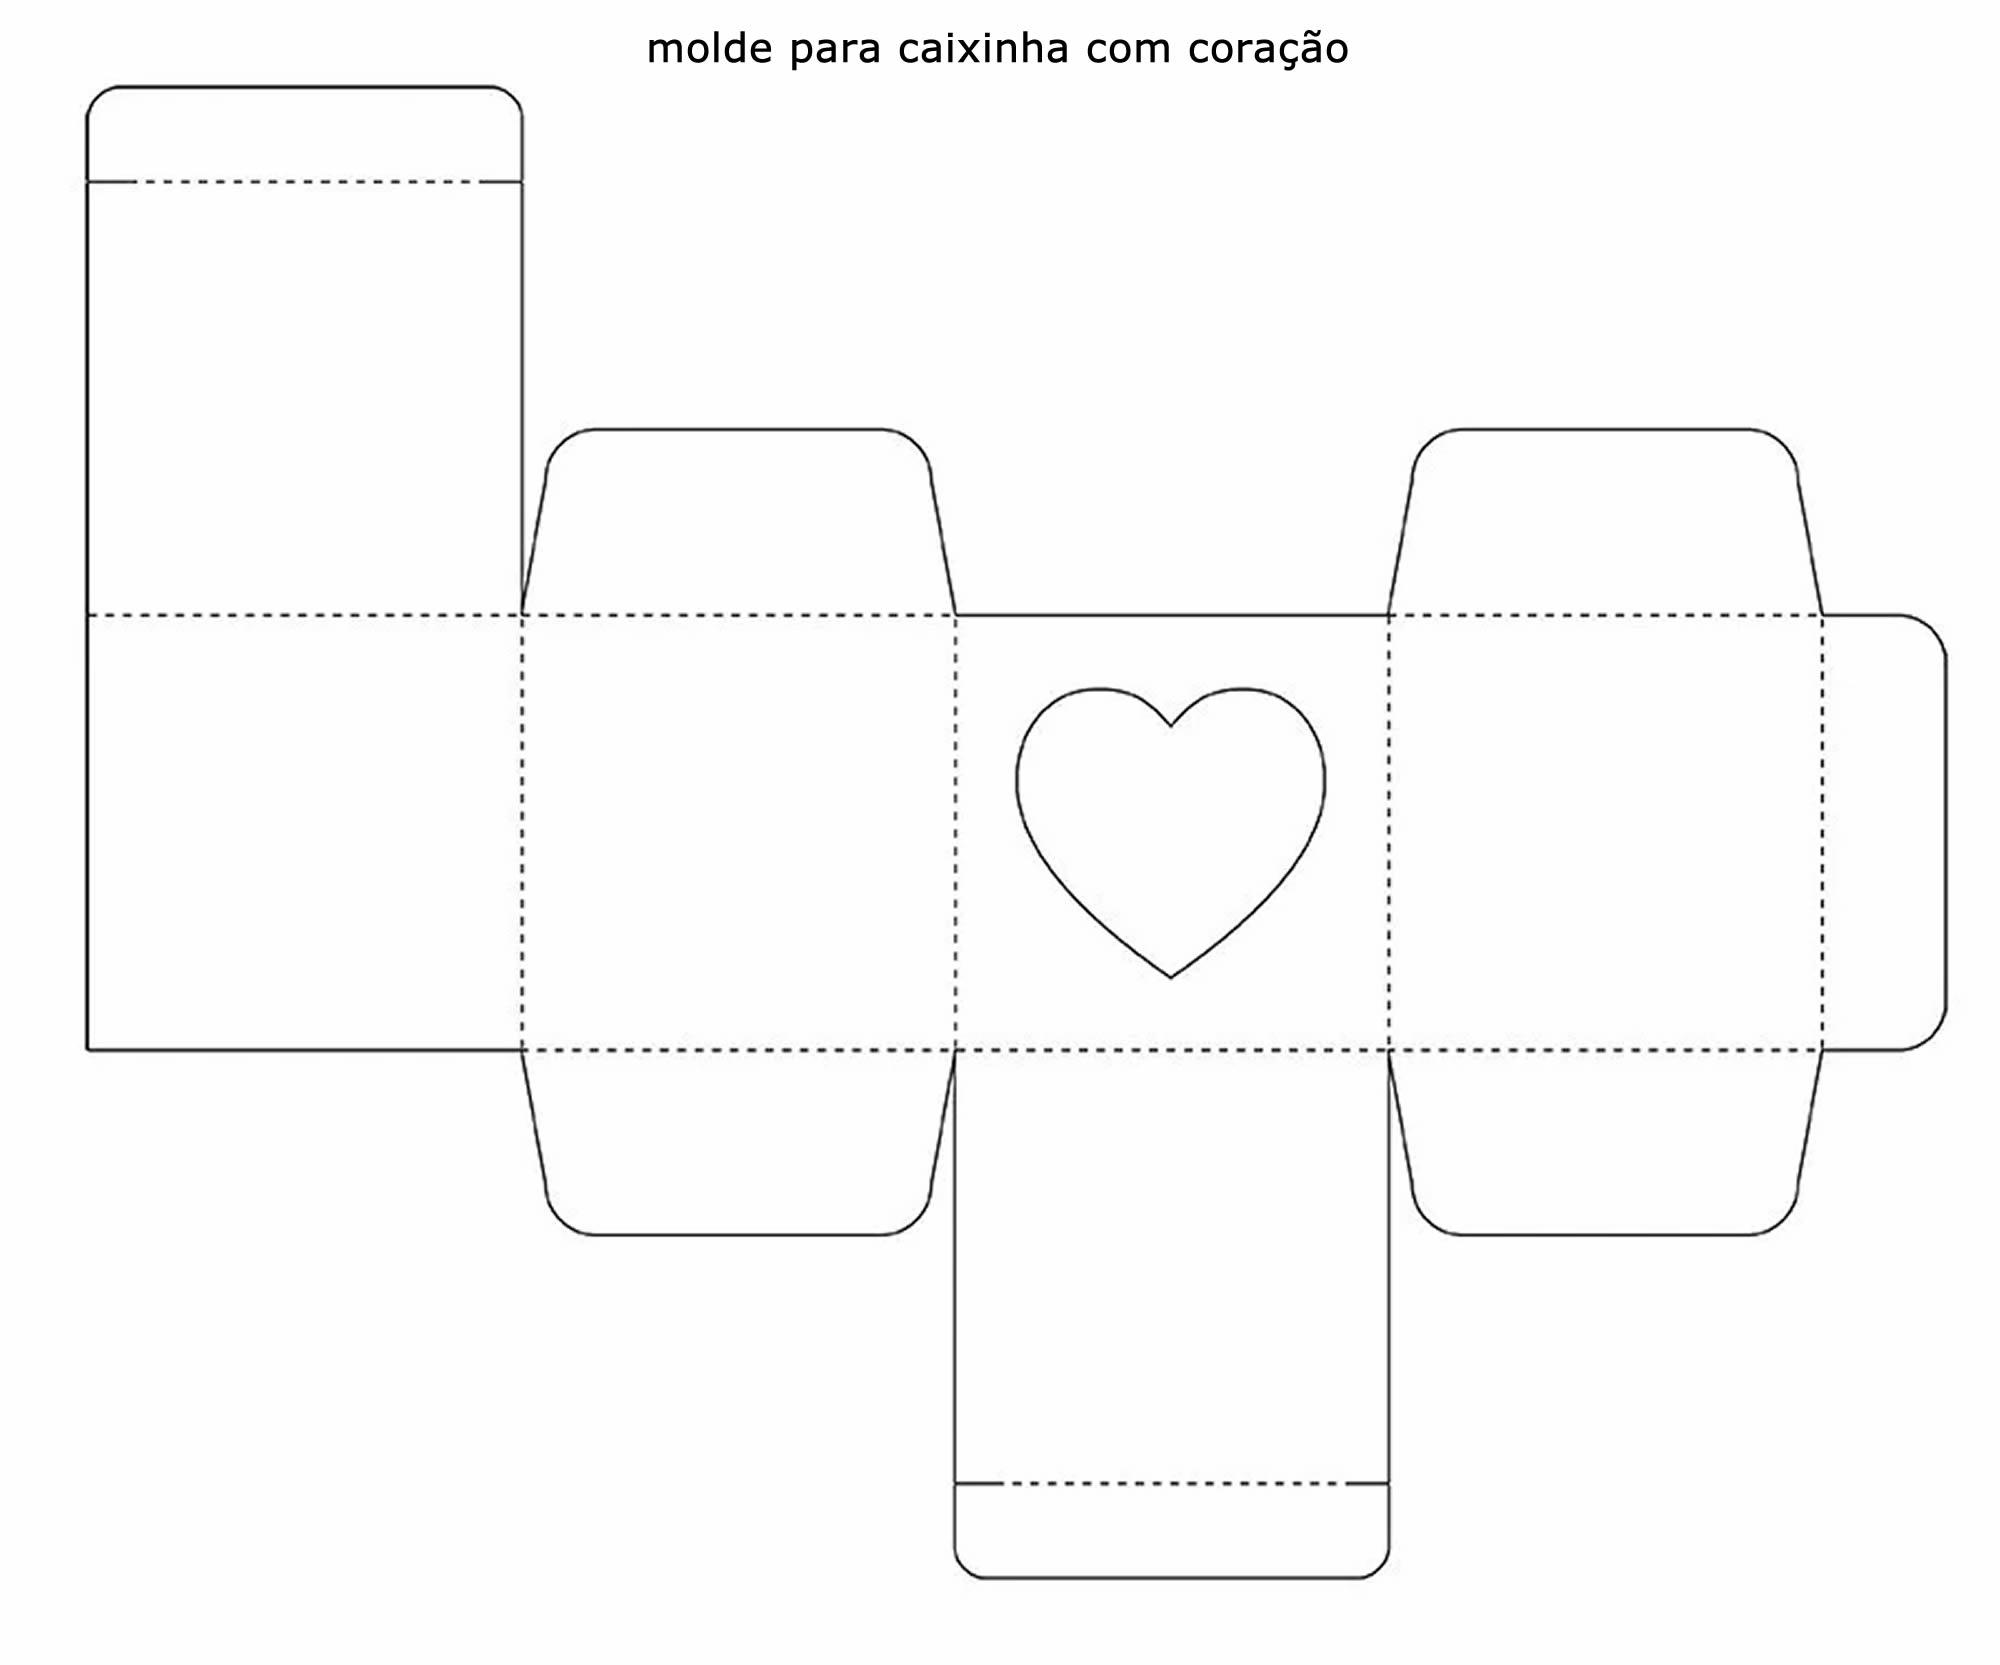 Molde para caixinha de papel com coração - Lembrancinha